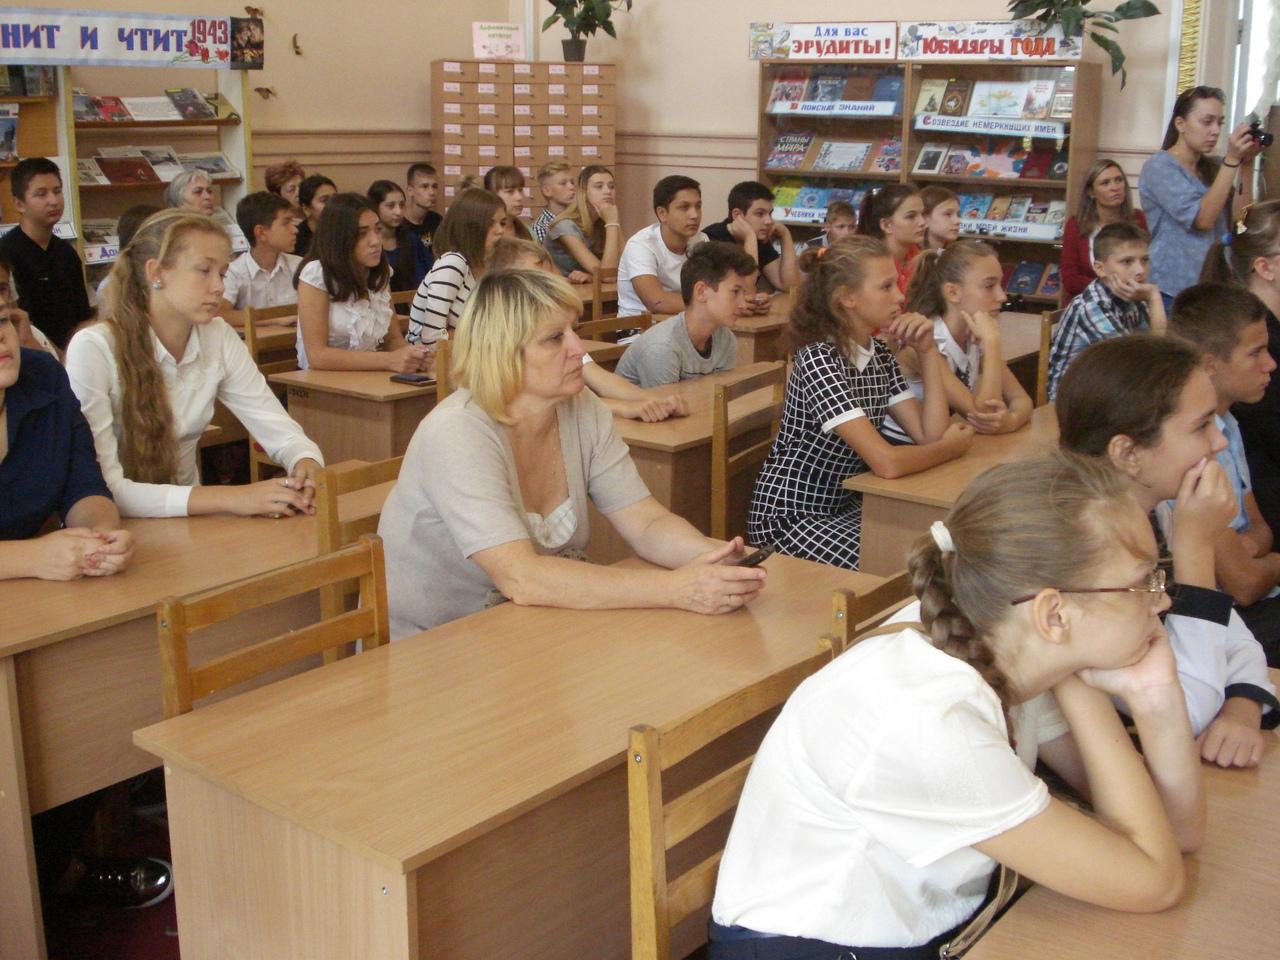 мужеству забвенья нет, донецкая республиканская библиотека для детей, министерство культуры, донецкая народная республика, 75 лет освобождения Донбасса